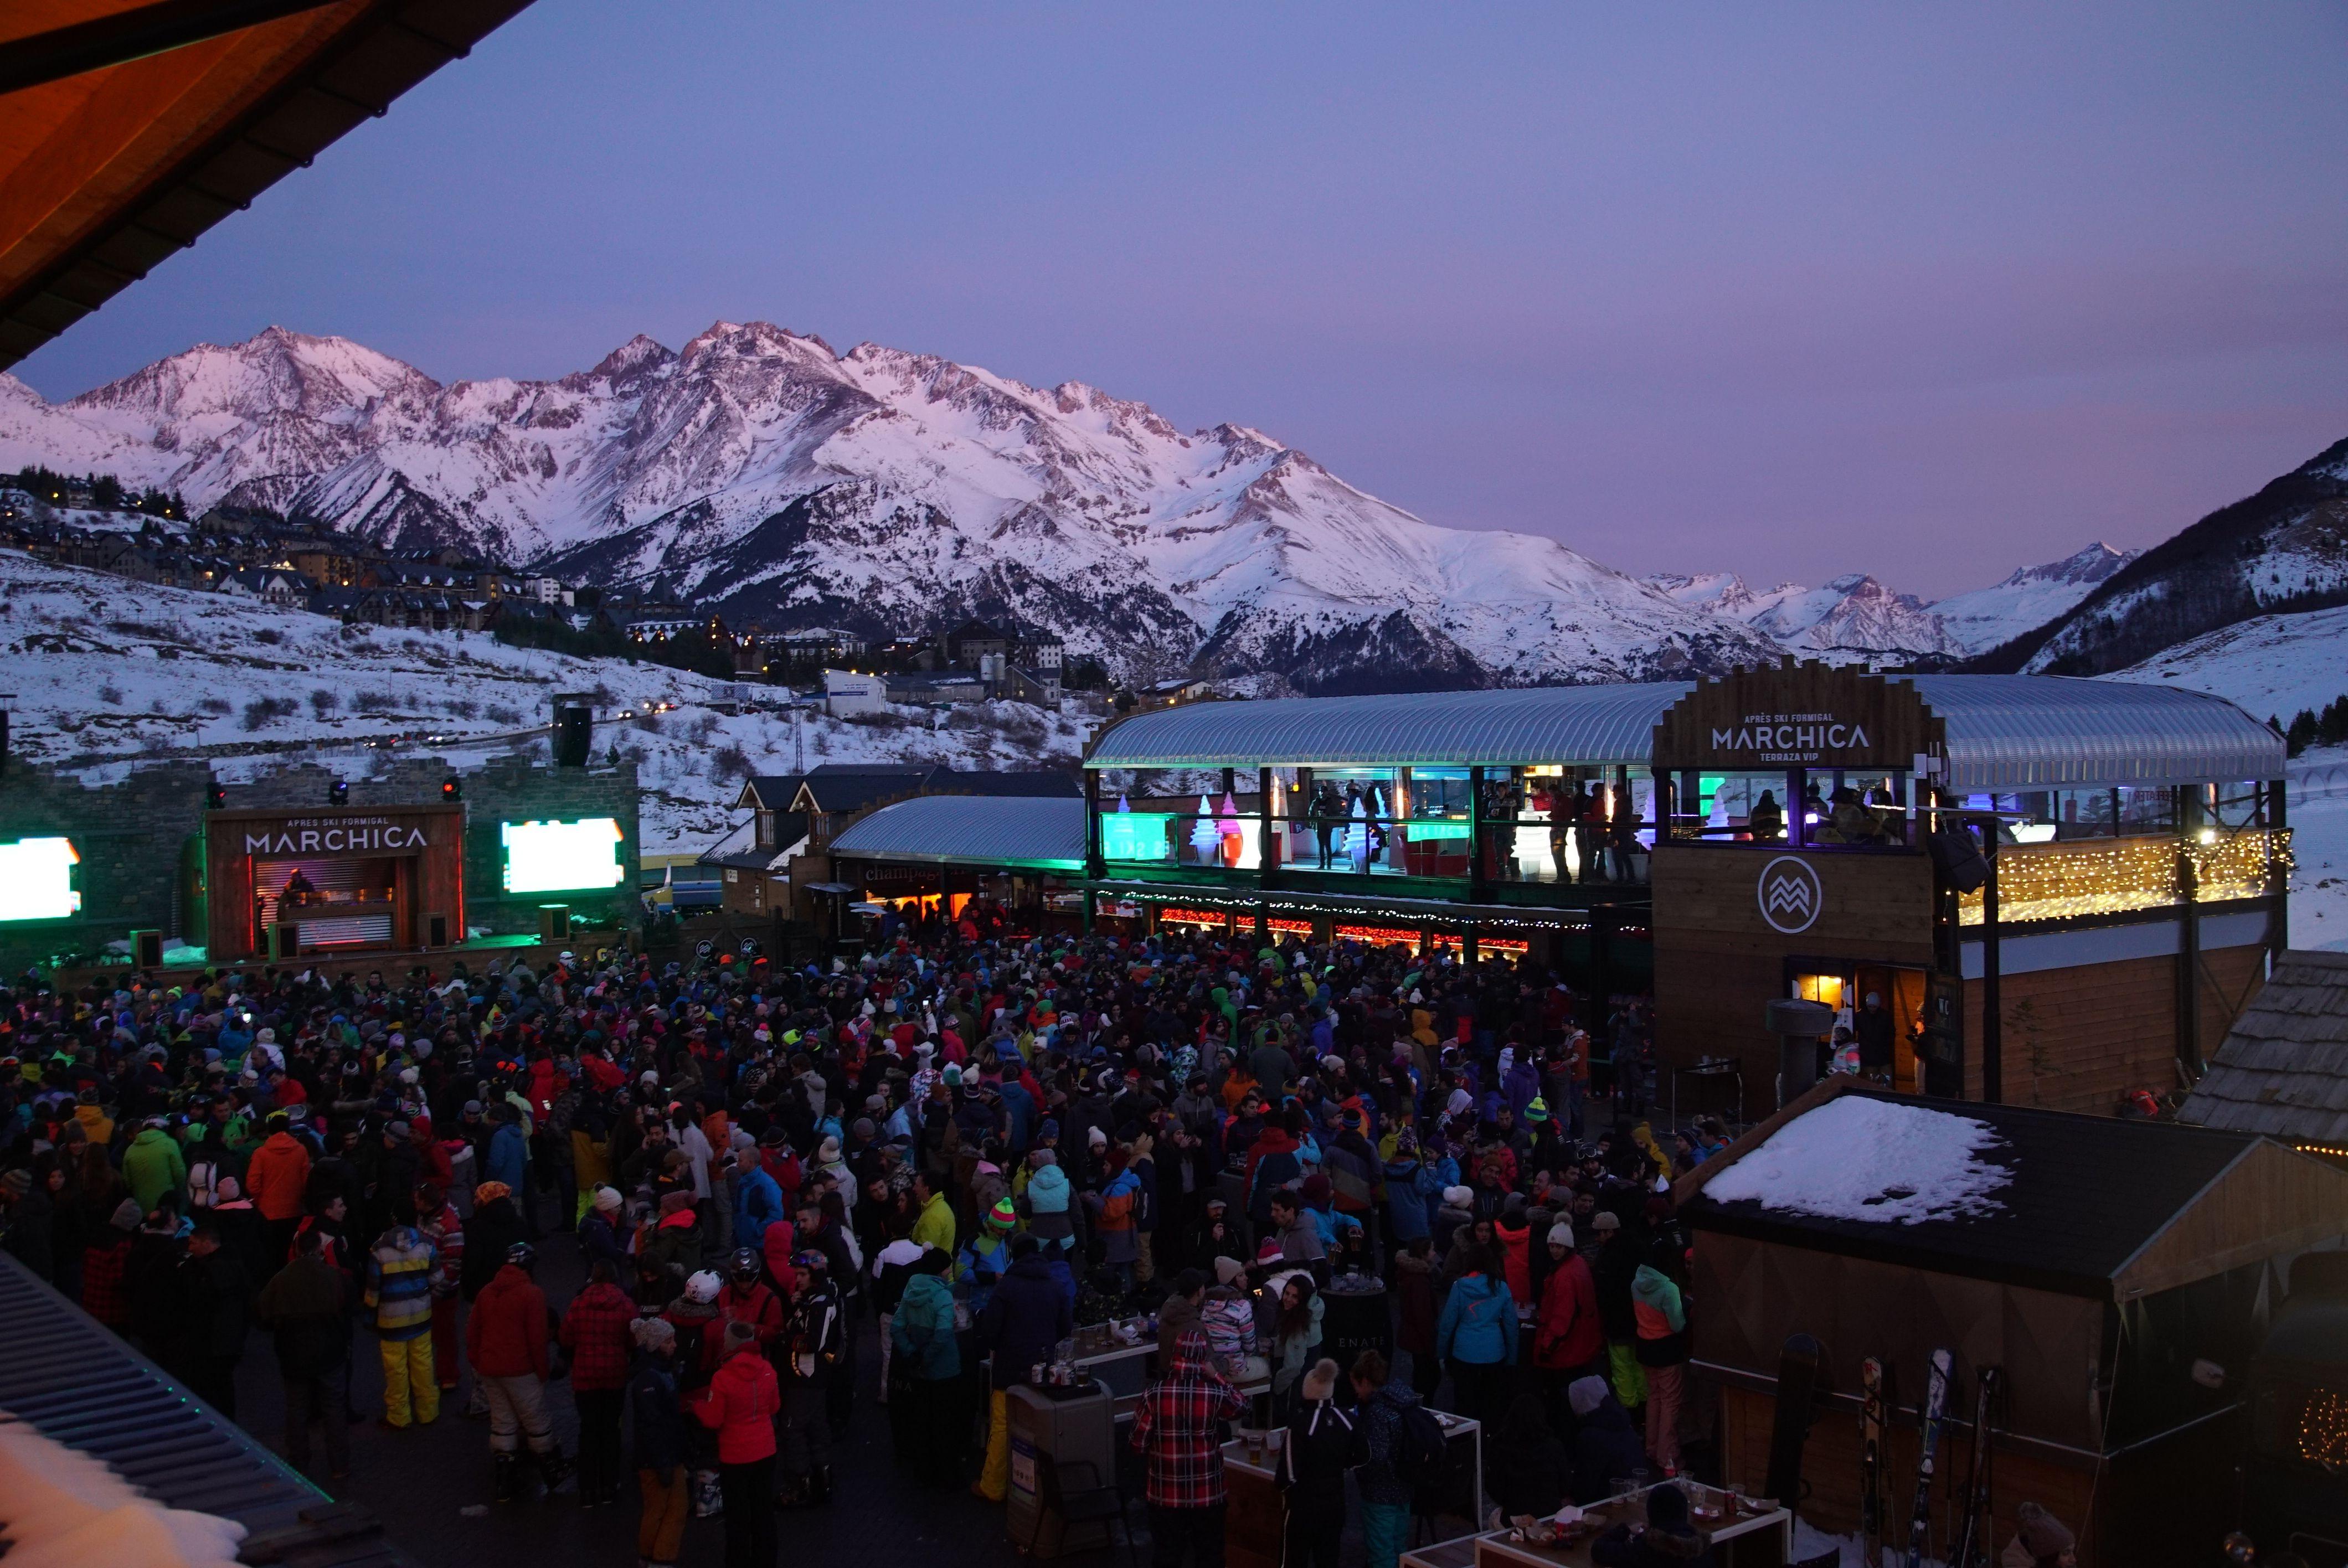 El Apres Ski vive su gran evento en Marchica